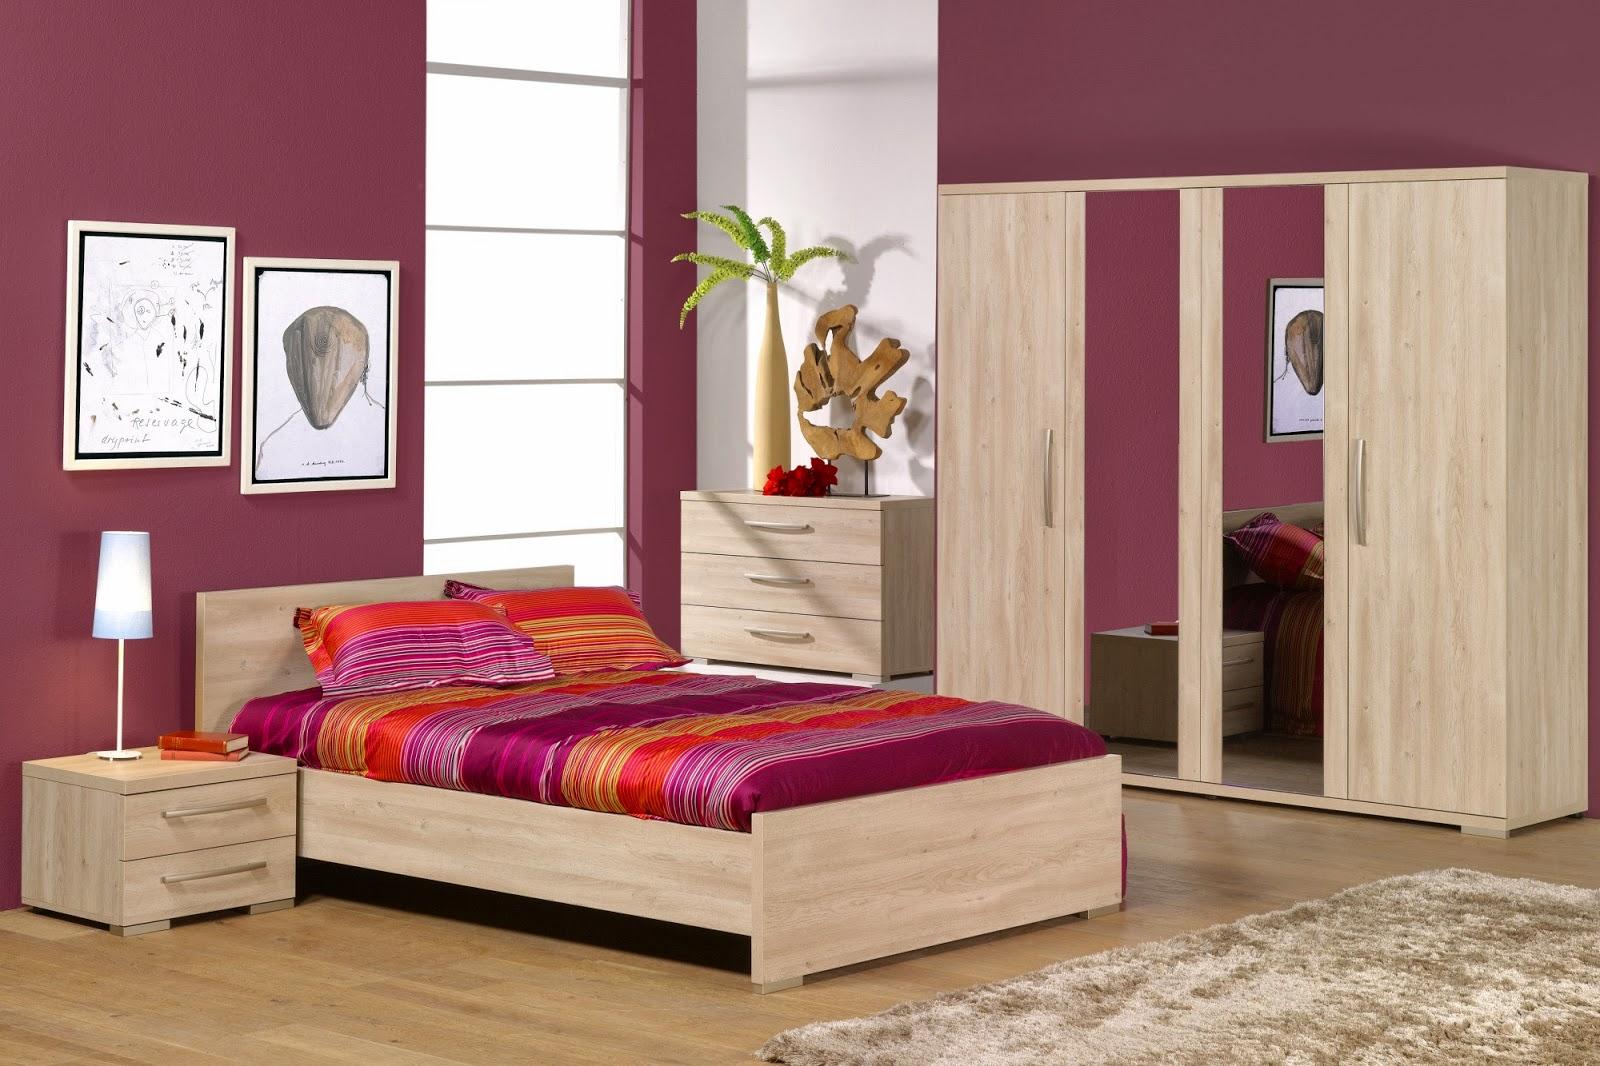 excellent glace salle de bain avec luminaire ide dcoration pour petit espace ides dco pour. Black Bedroom Furniture Sets. Home Design Ideas